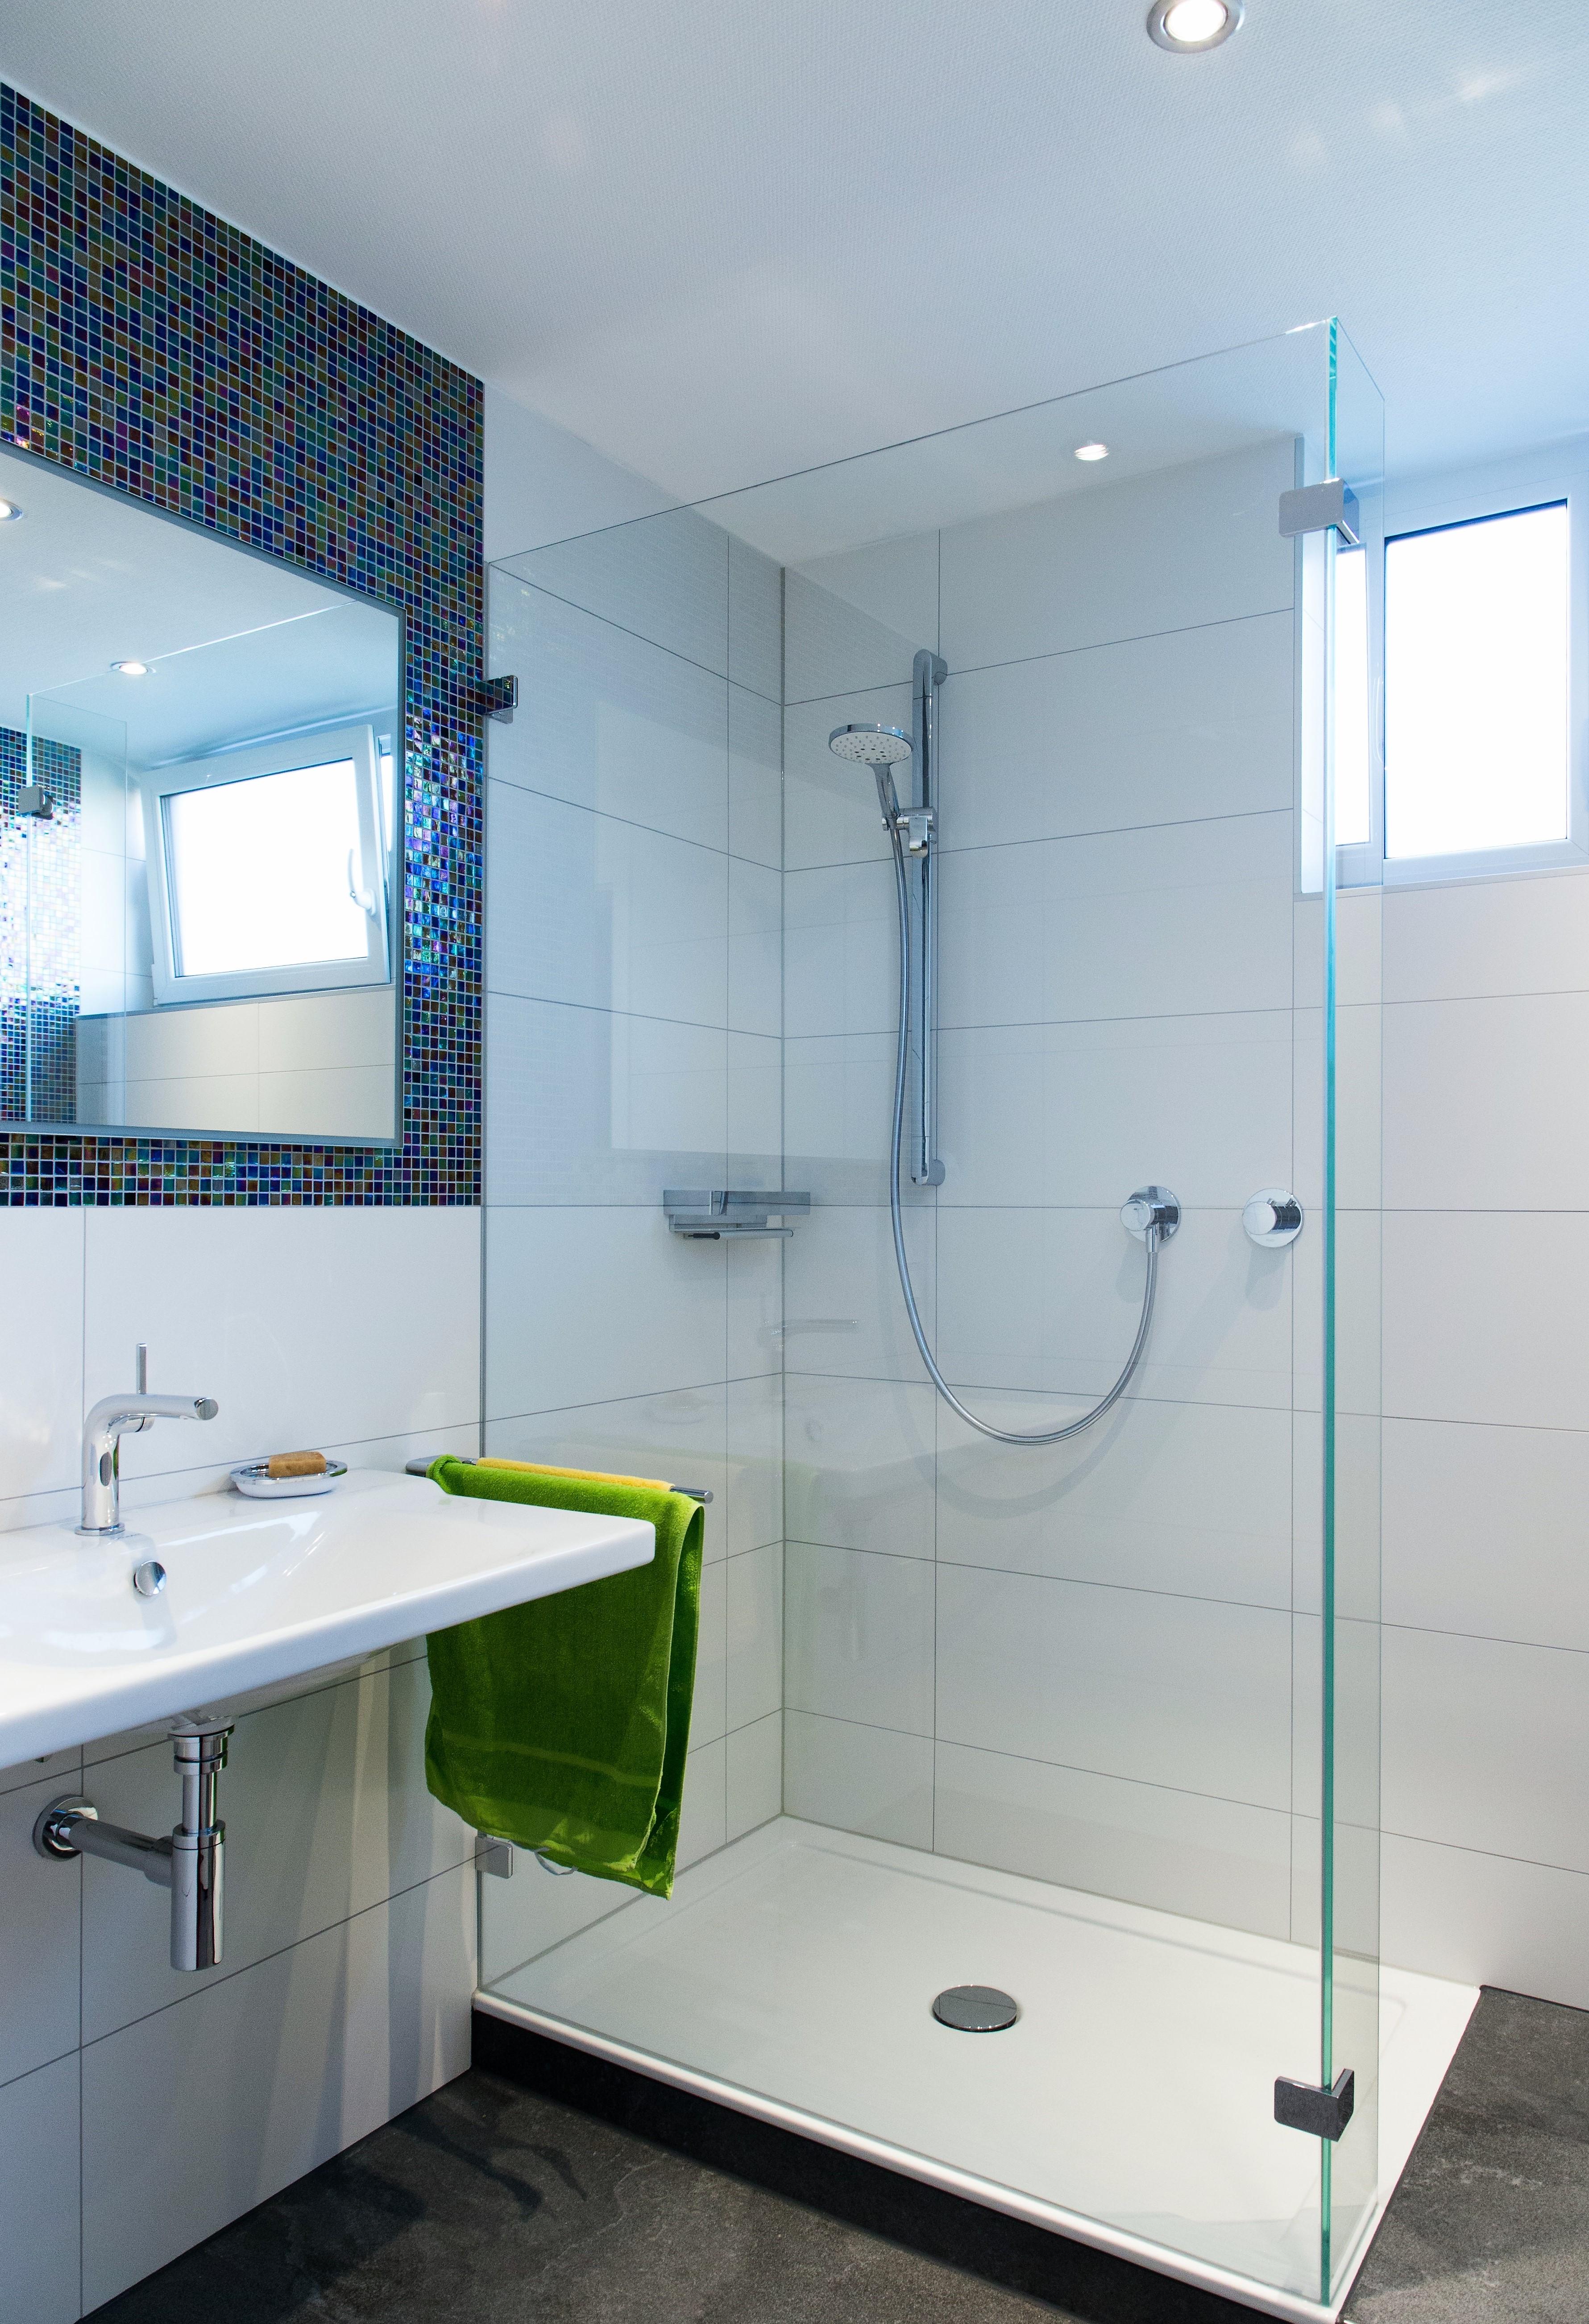 industrielle fertigung und auslieferung in kriftel infobel deutschland. Black Bedroom Furniture Sets. Home Design Ideas